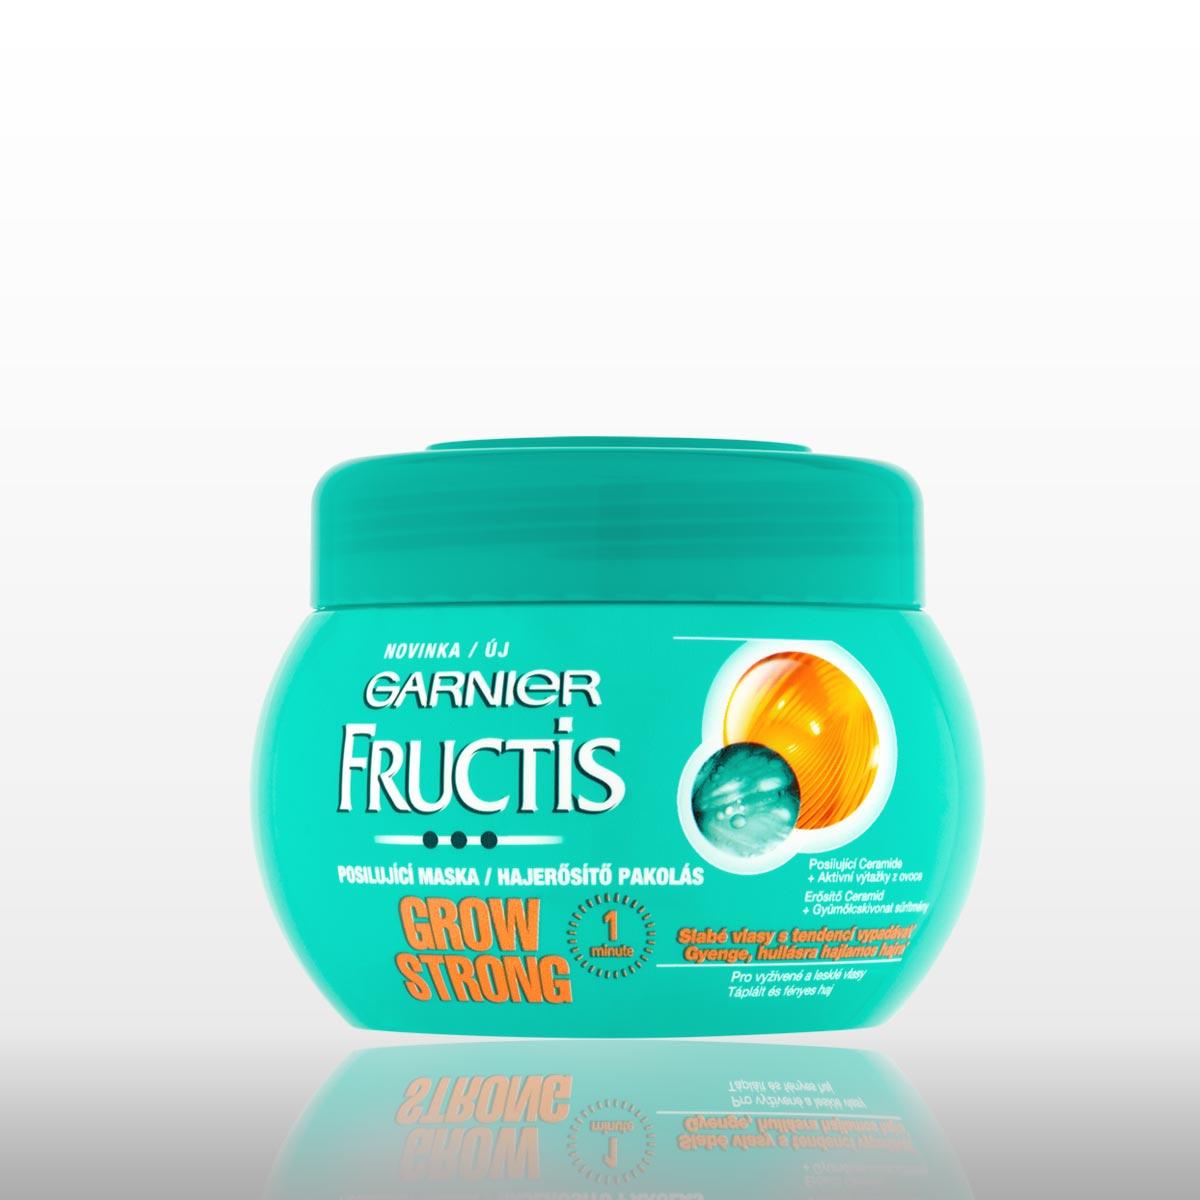 Maska Garnier Fructis Grow Strong pro slabé vlasy.